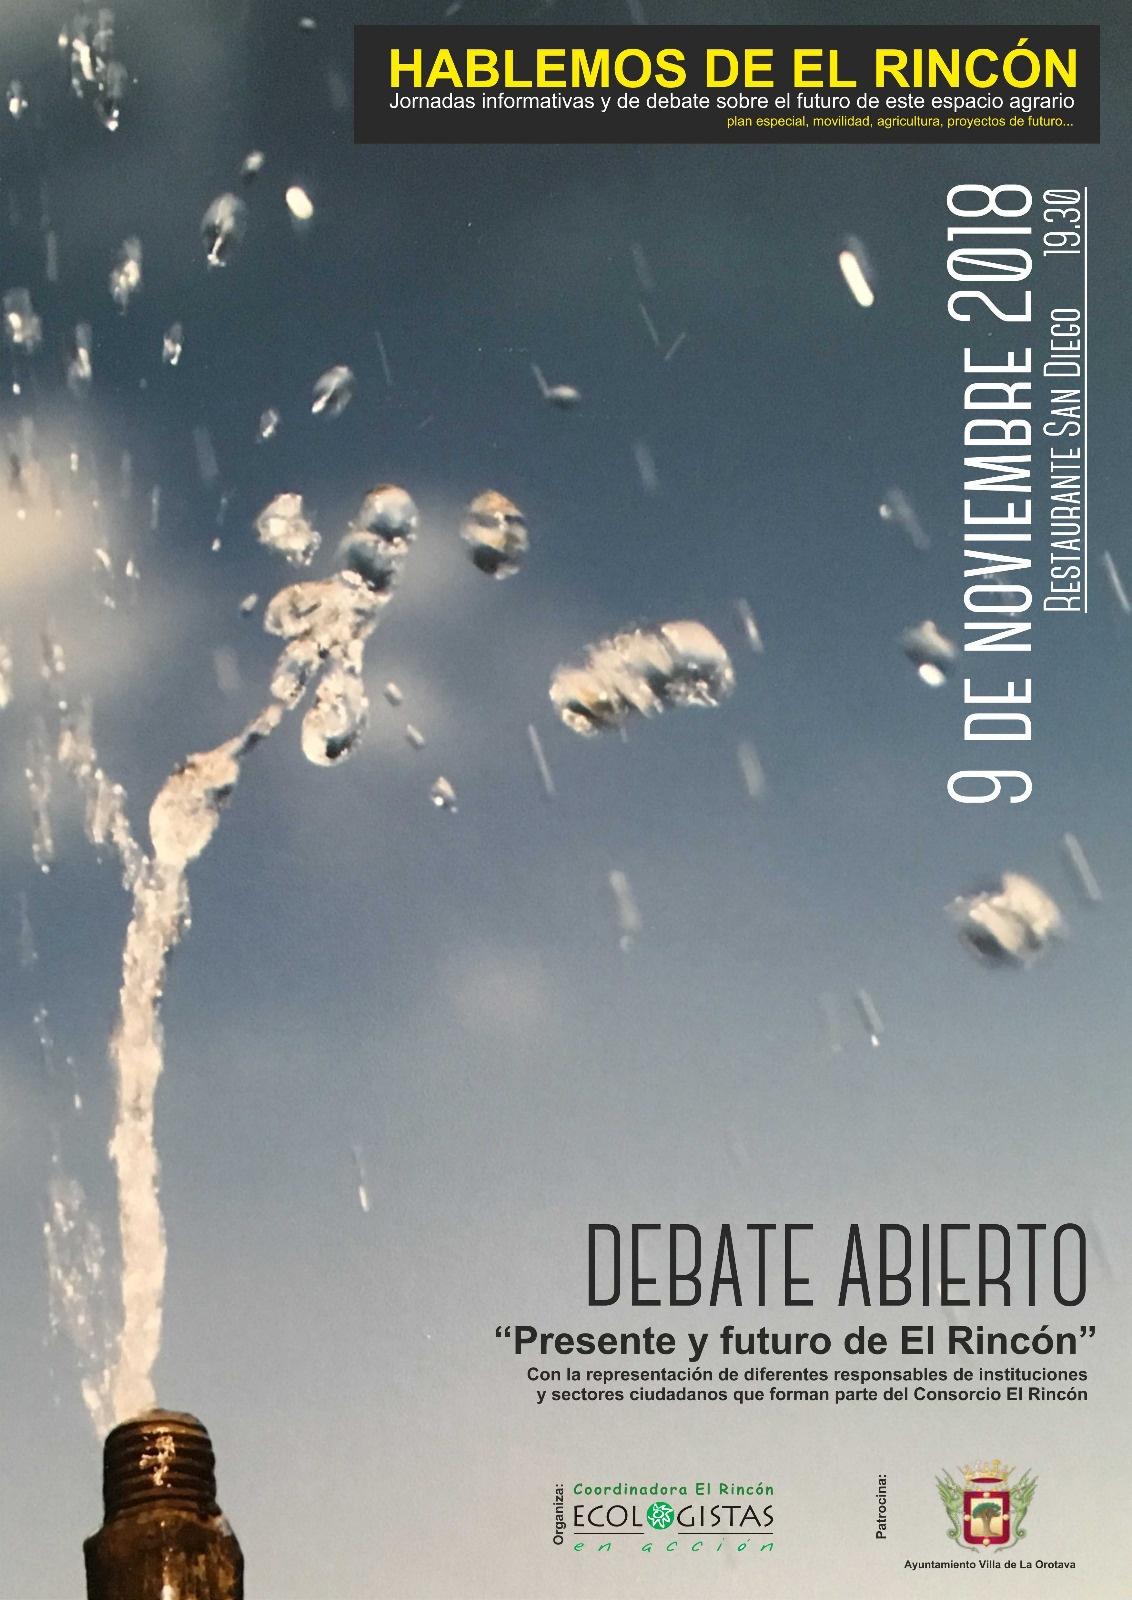 Debate abierto: PRESENTE Y FUTURO DE EL RINCÓN